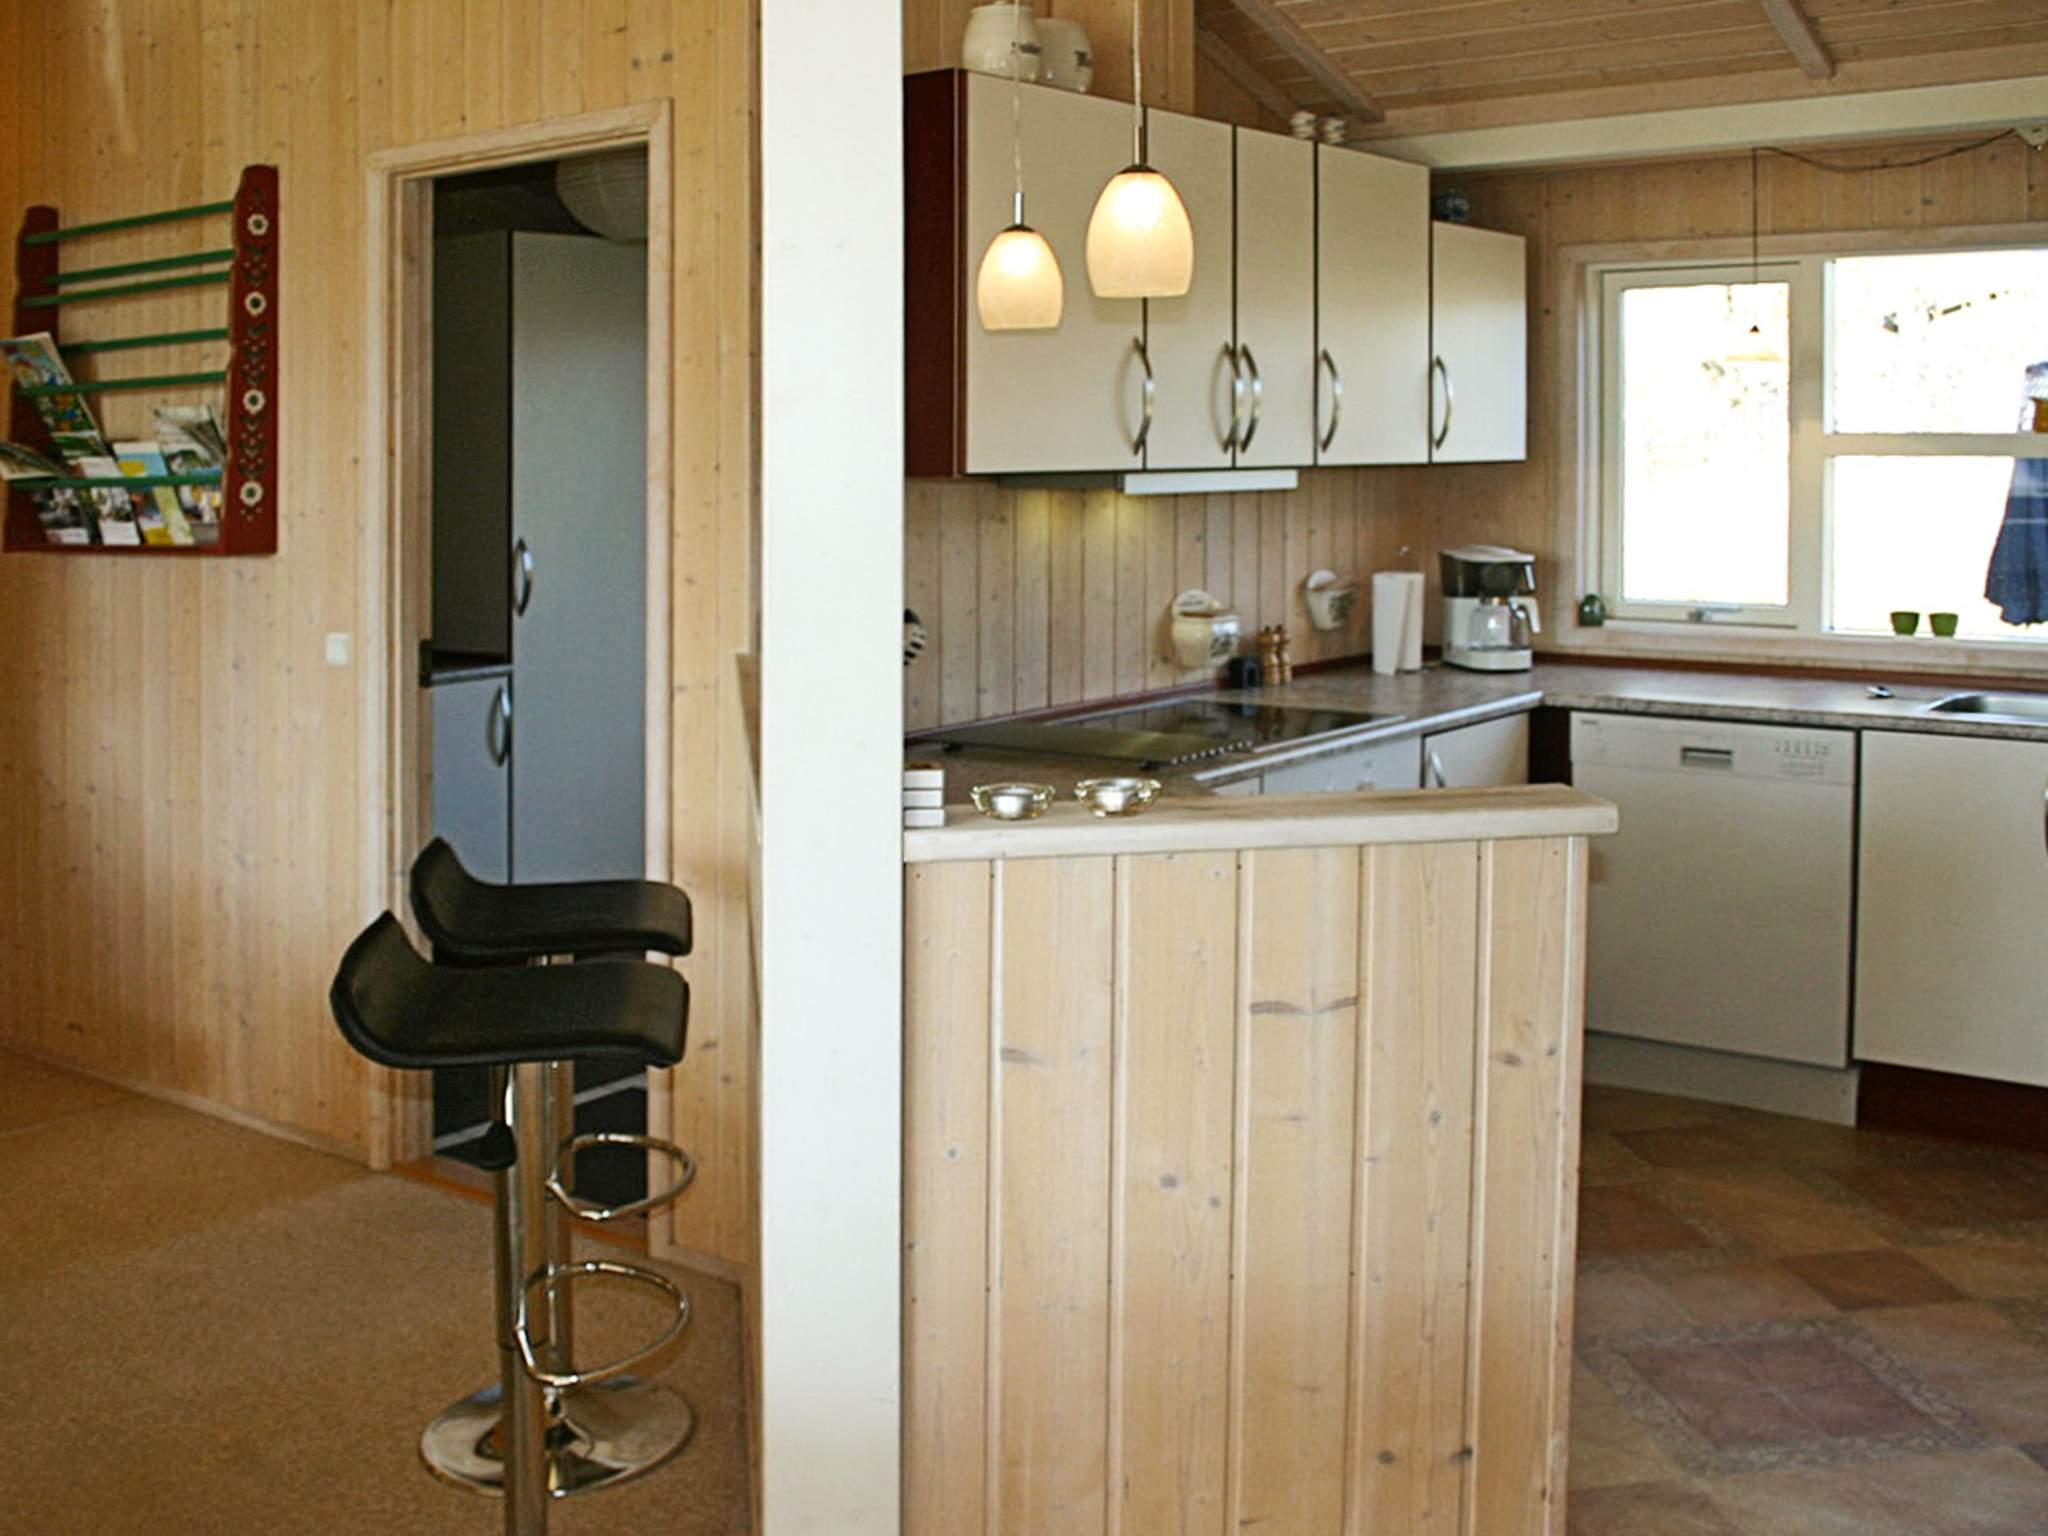 Ferienhaus Udsholt Strand (124746), Udsholt, , Nordseeland, Dänemark, Bild 7